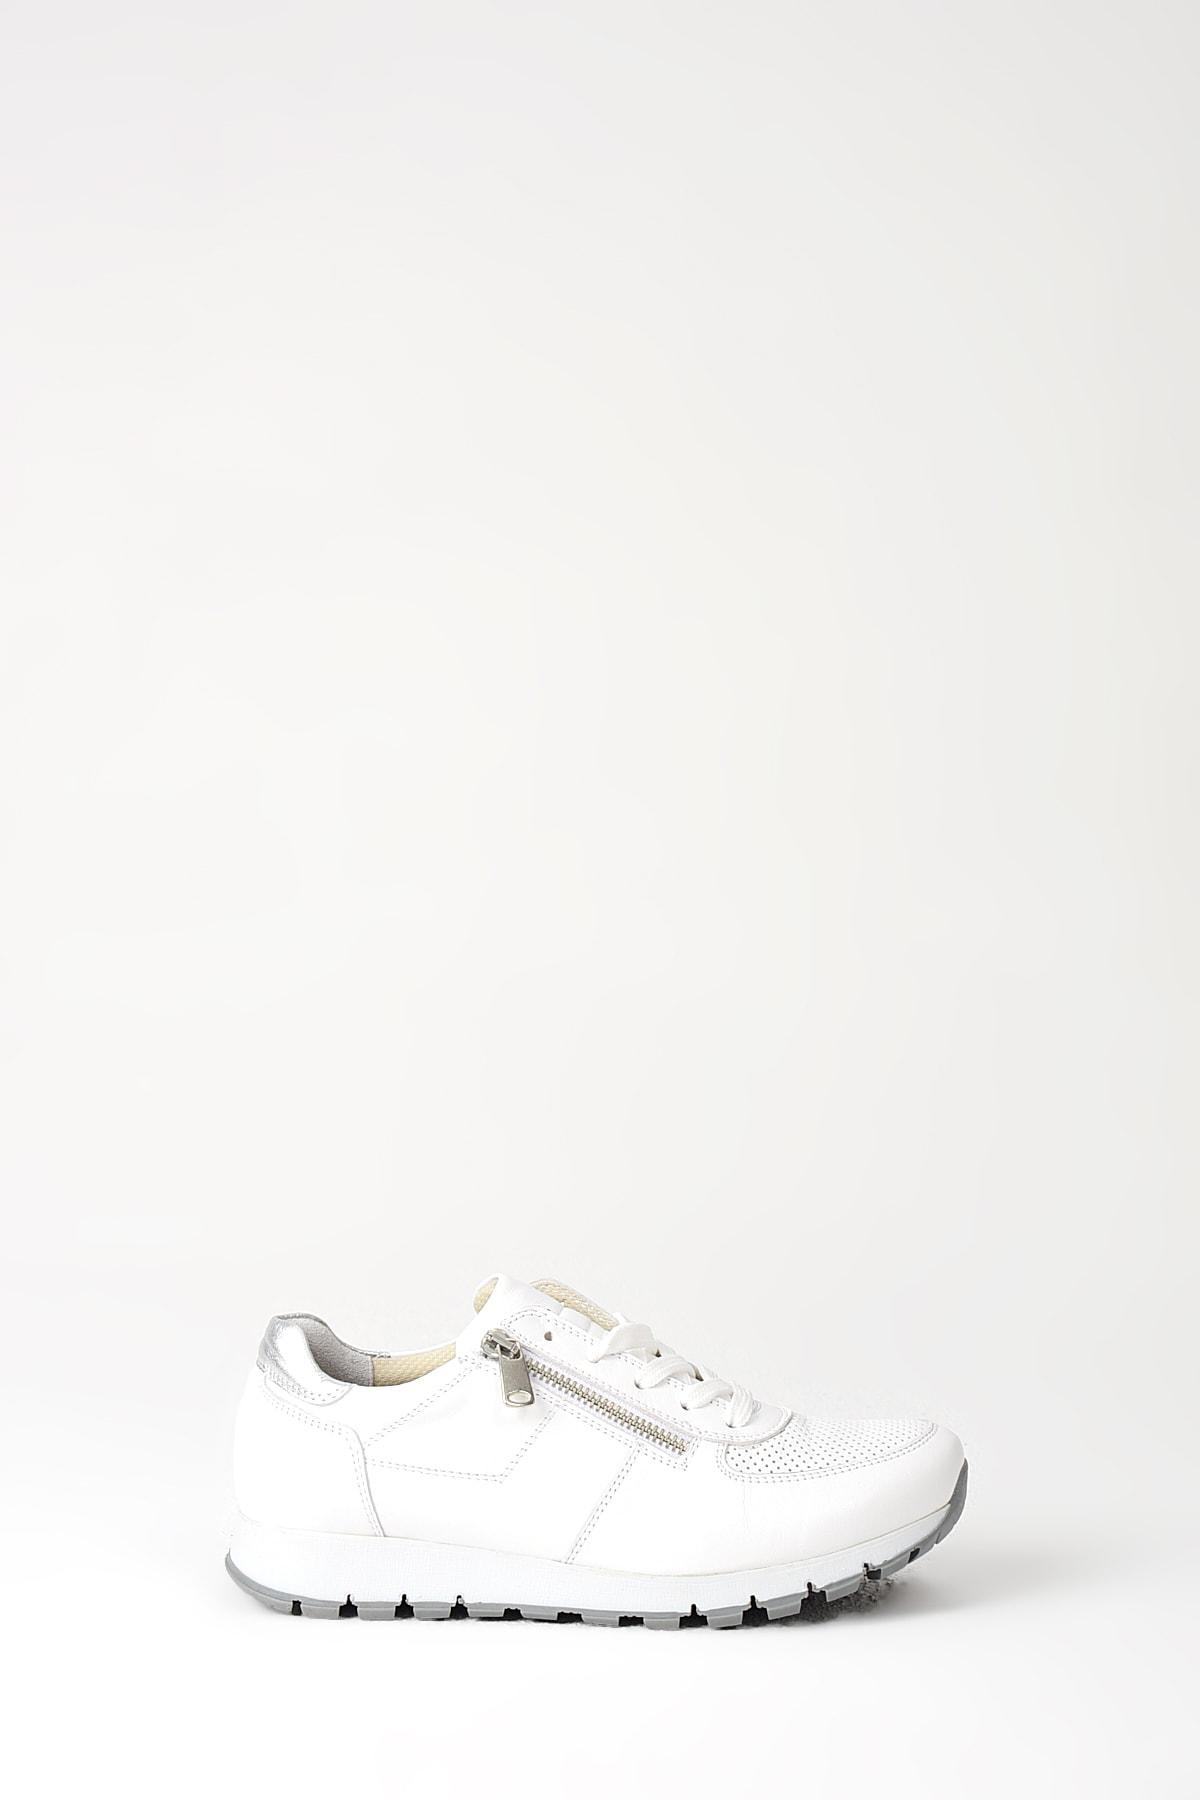 Uniquer Hakiki Deri Beyaz Kadın Ayakkabı 10157U 678 2